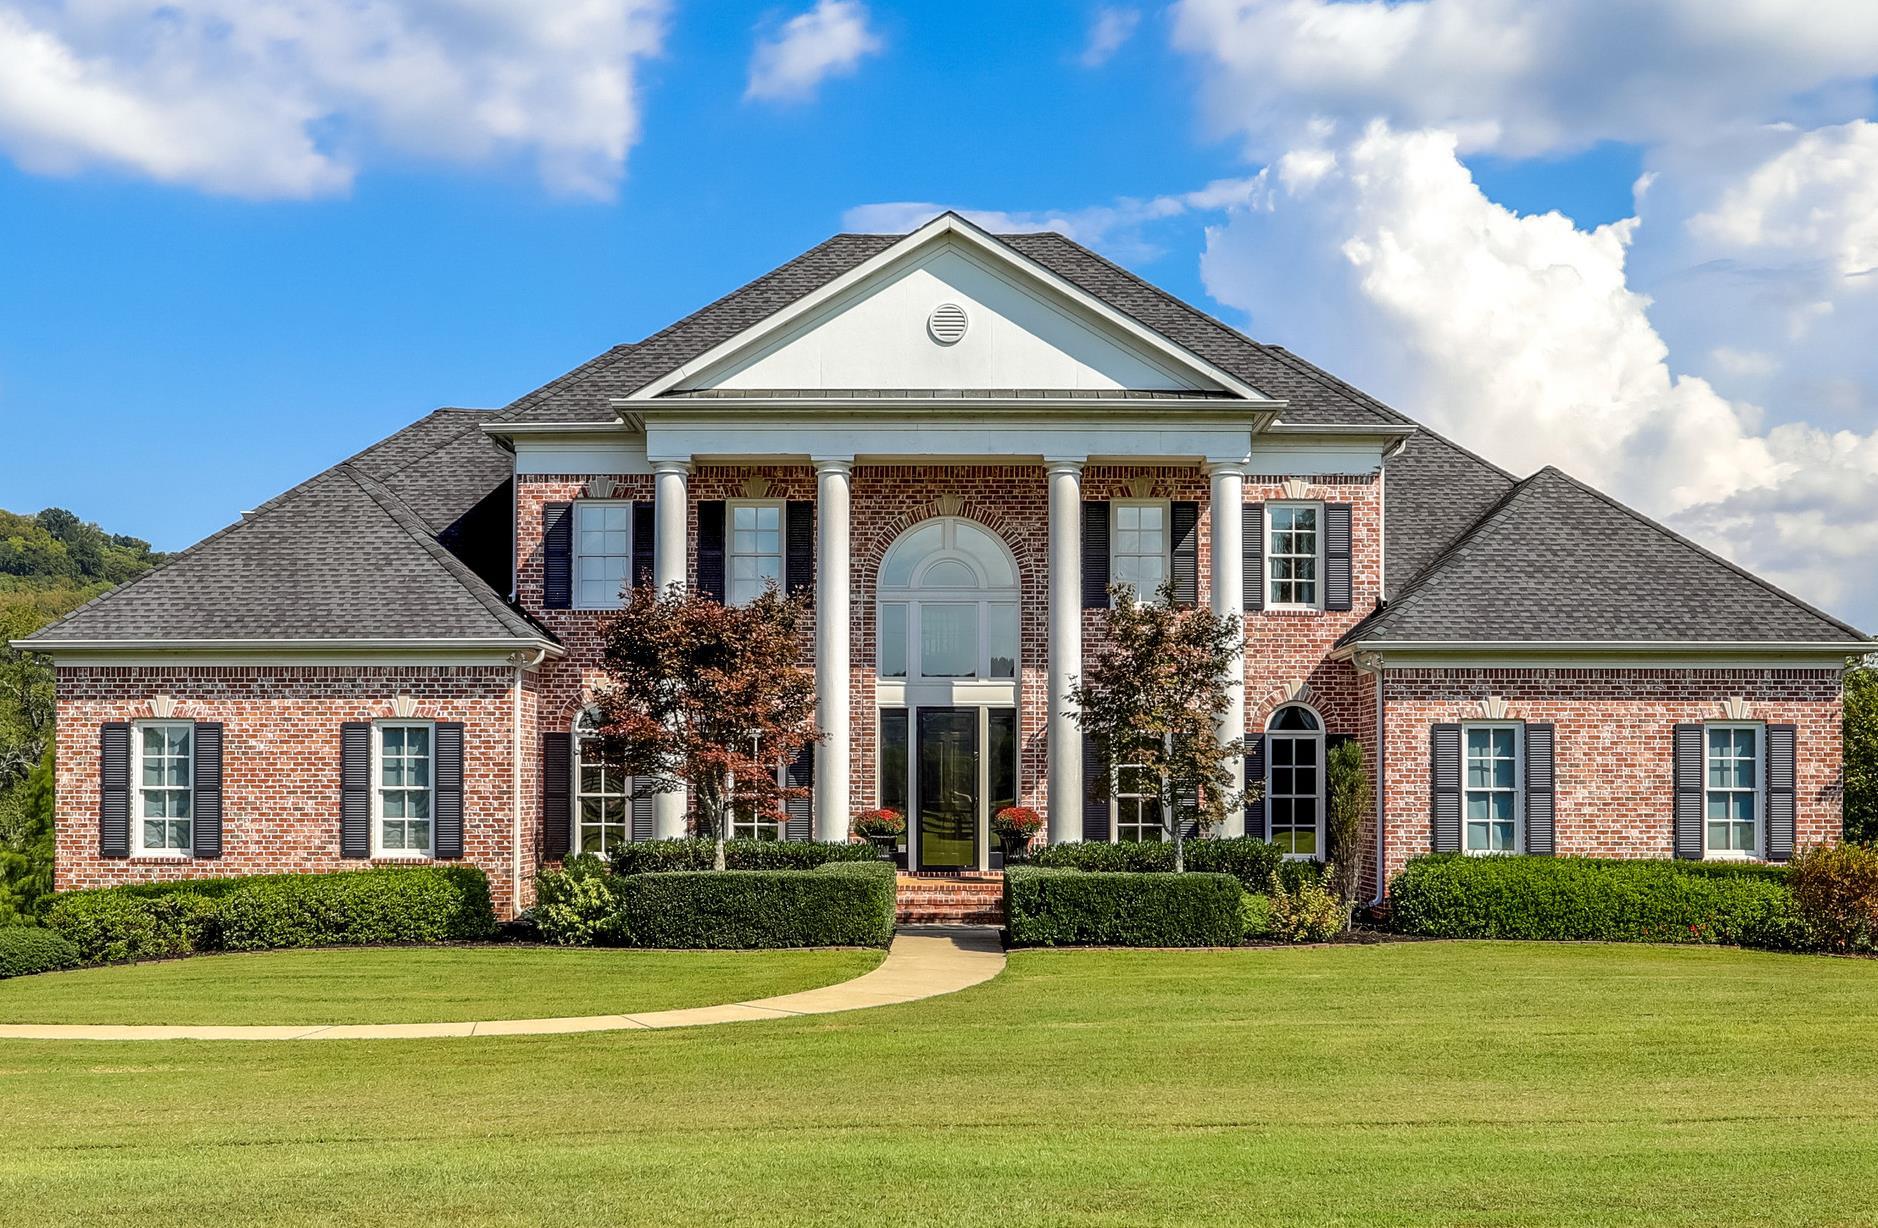 2840 Sawyer Bend Rd, Franklin, TN 37069 - Franklin, TN real estate listing